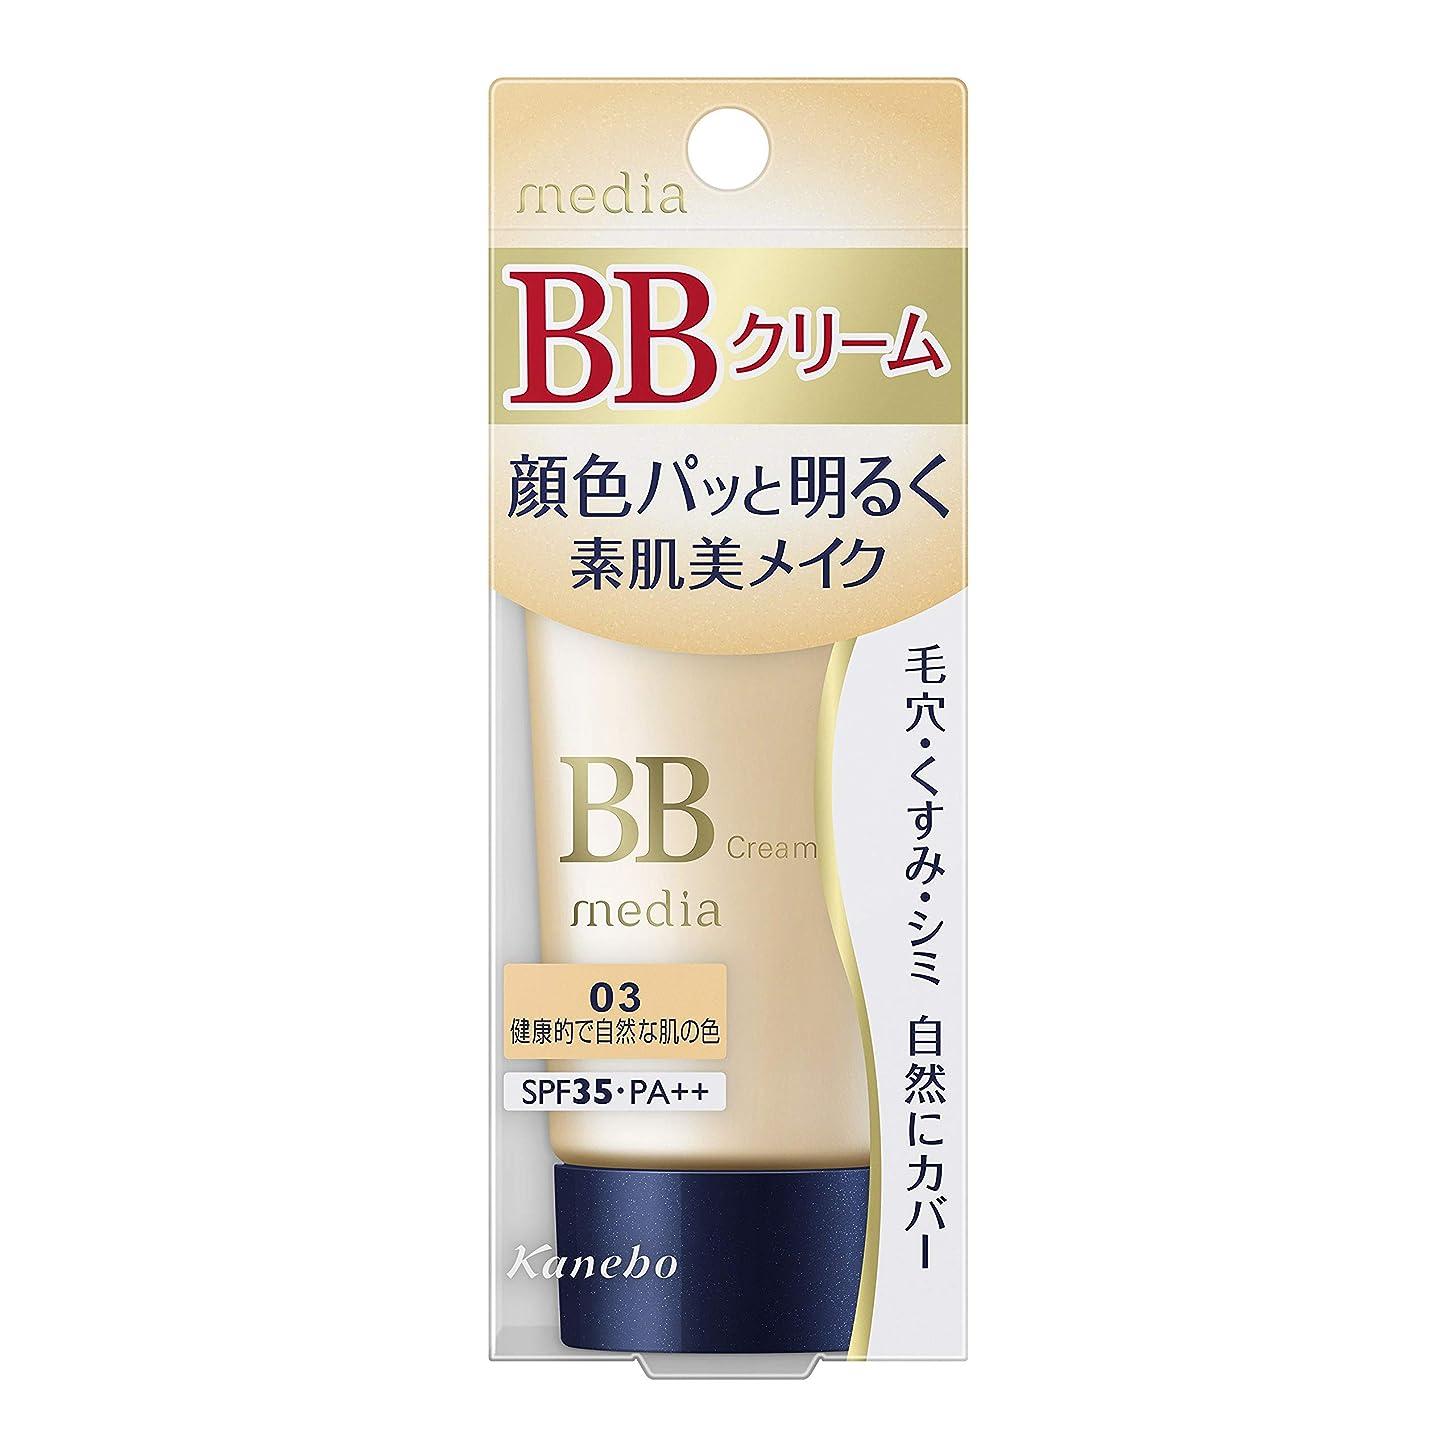 エンターテインメント牛肉ベットカネボウ化粧品 メディア BBクリームS 03 35g